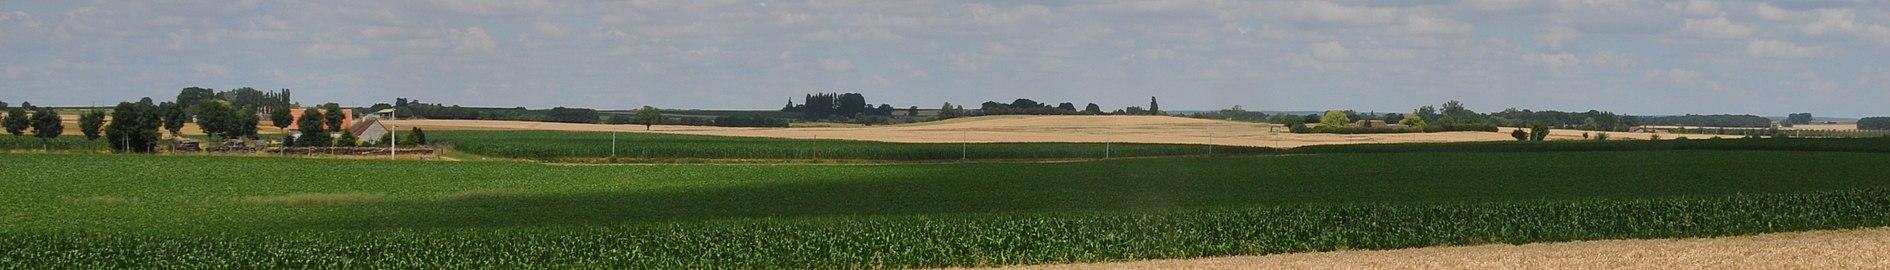 Un paysage apaisant source de vie (cropped).jpg